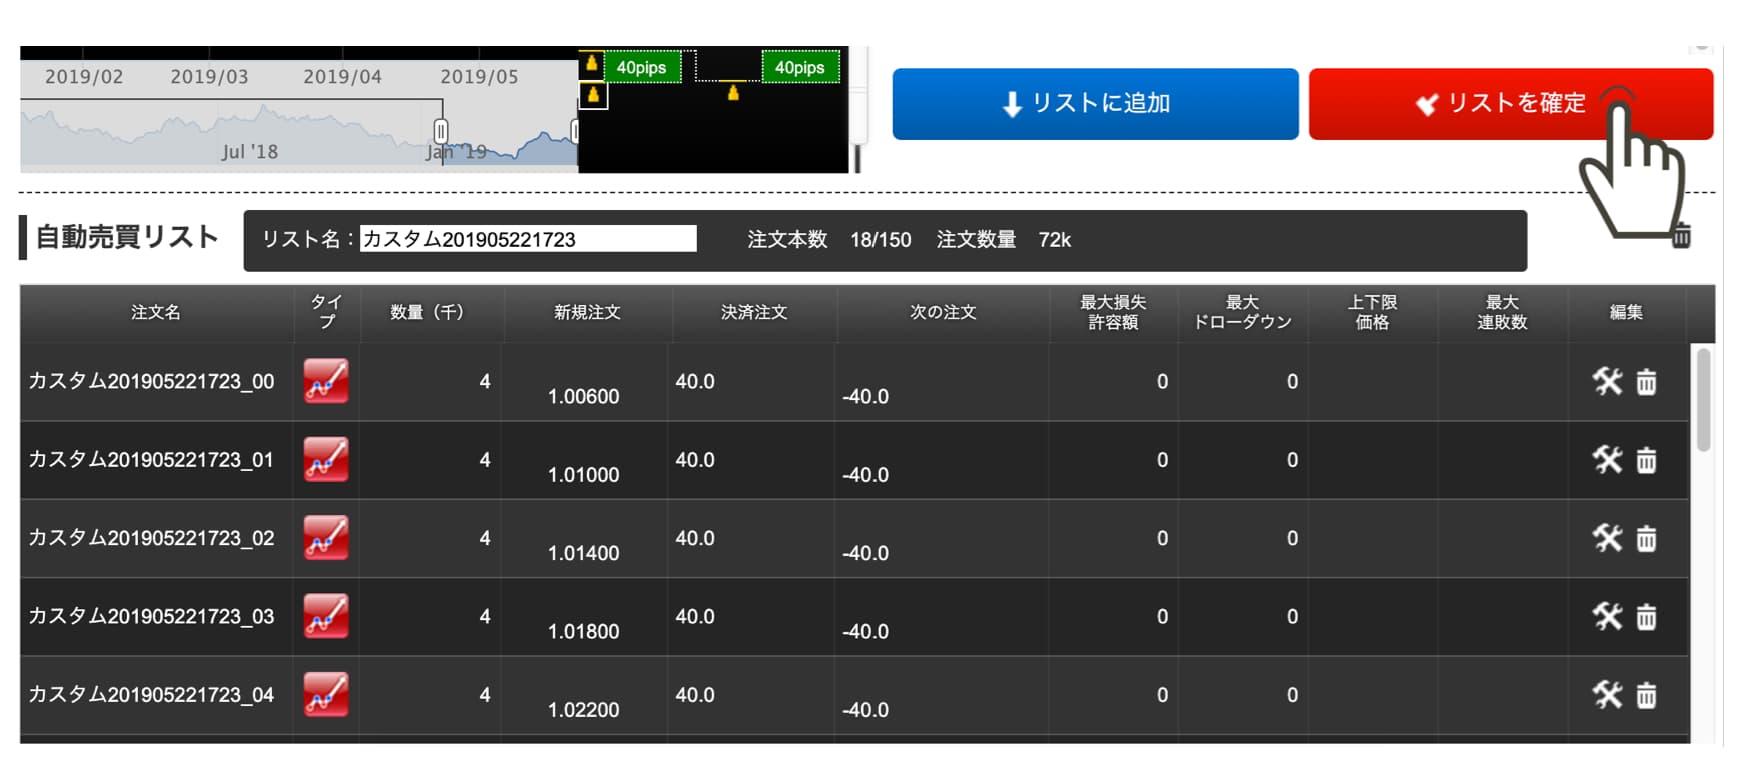 トライオートFX注文画面2